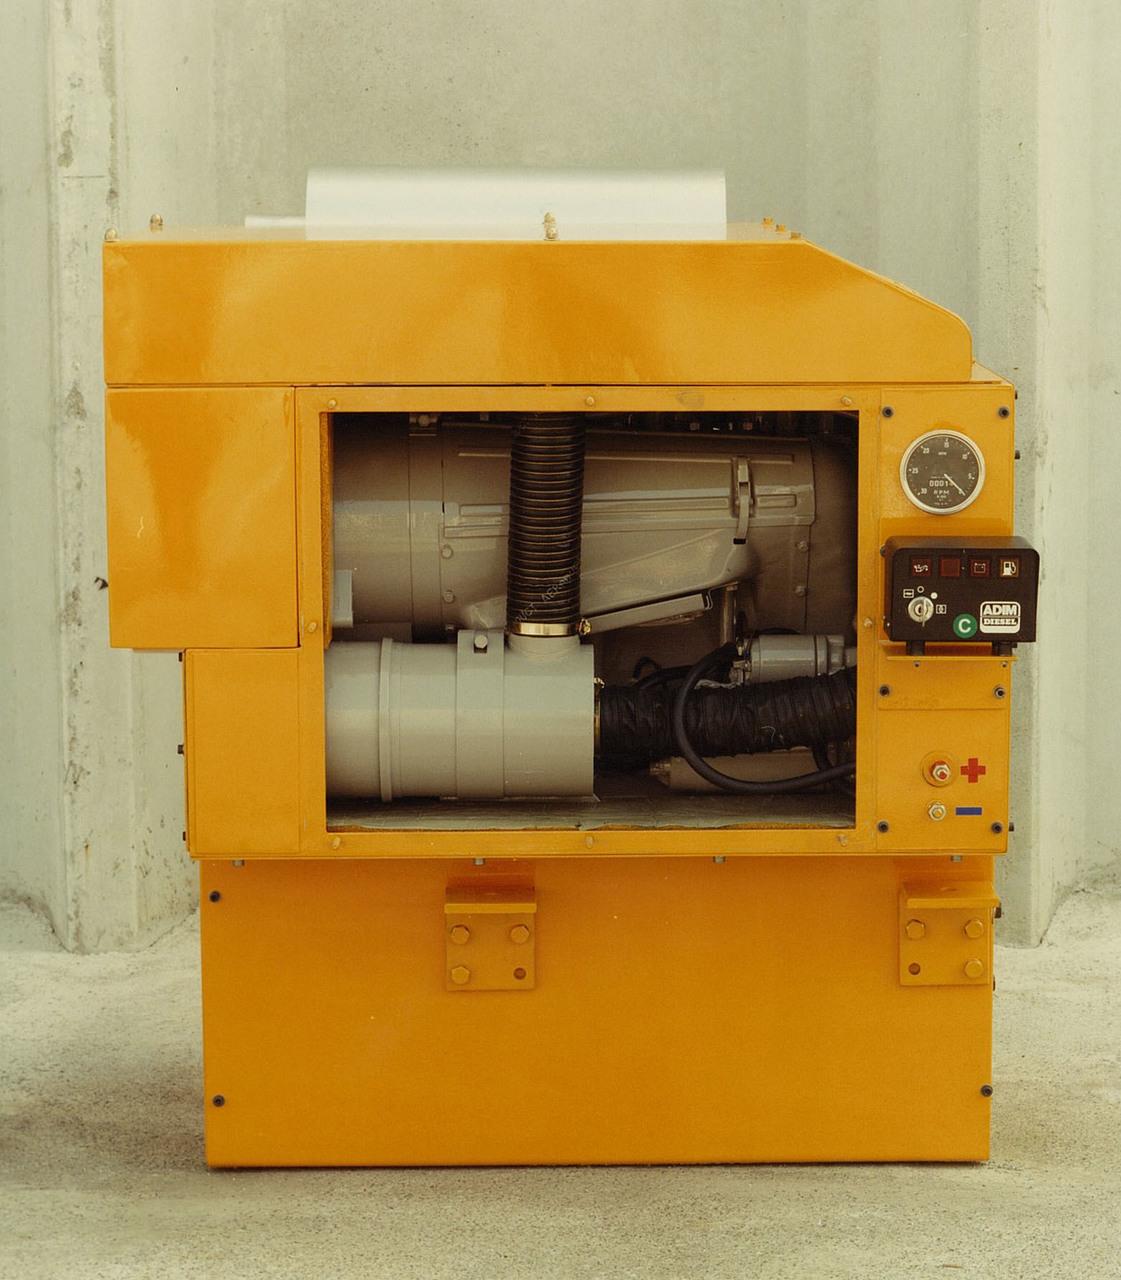 Motore ADIM per uso industriale - 3 cilindri con protezioni